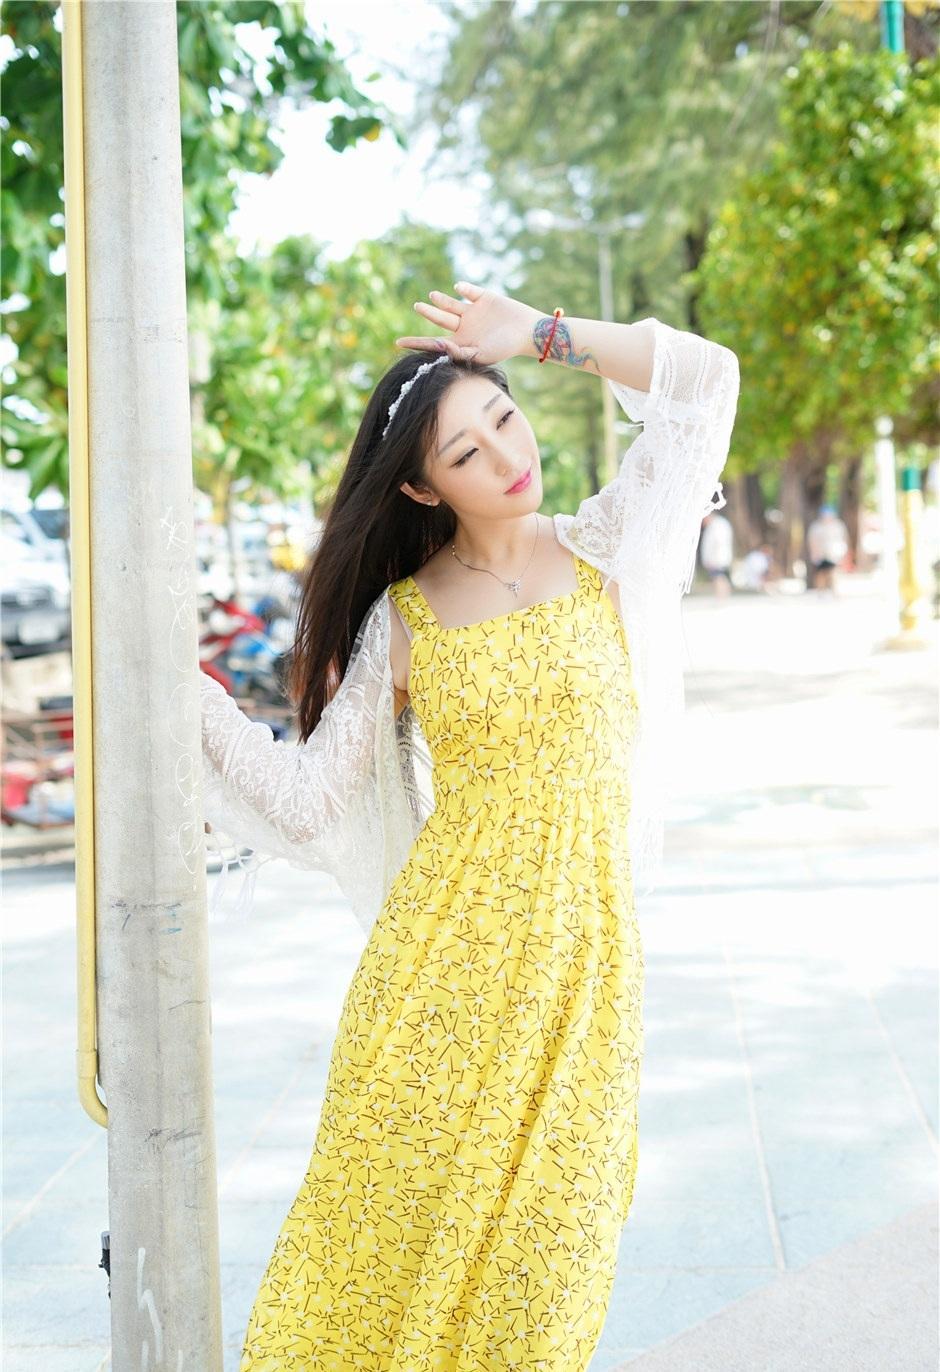 漂亮的小姐姐穿上黄色几何小花纹雪纺裙, 素颜的她却如此魅力十足 1